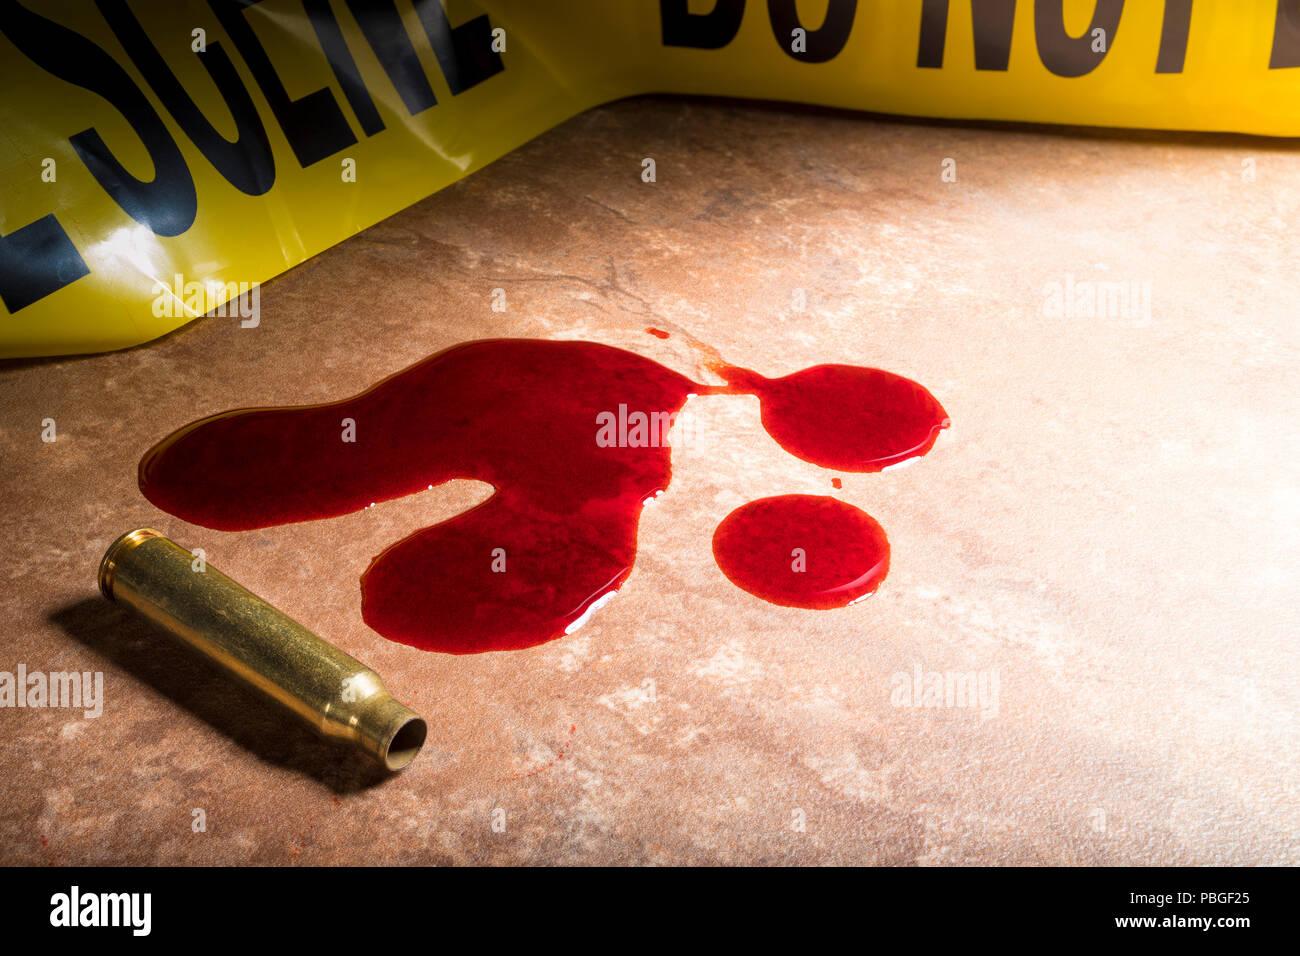 Fucile da assalto cartuccia che stato girato con il for Il tuo account e stato attaccato